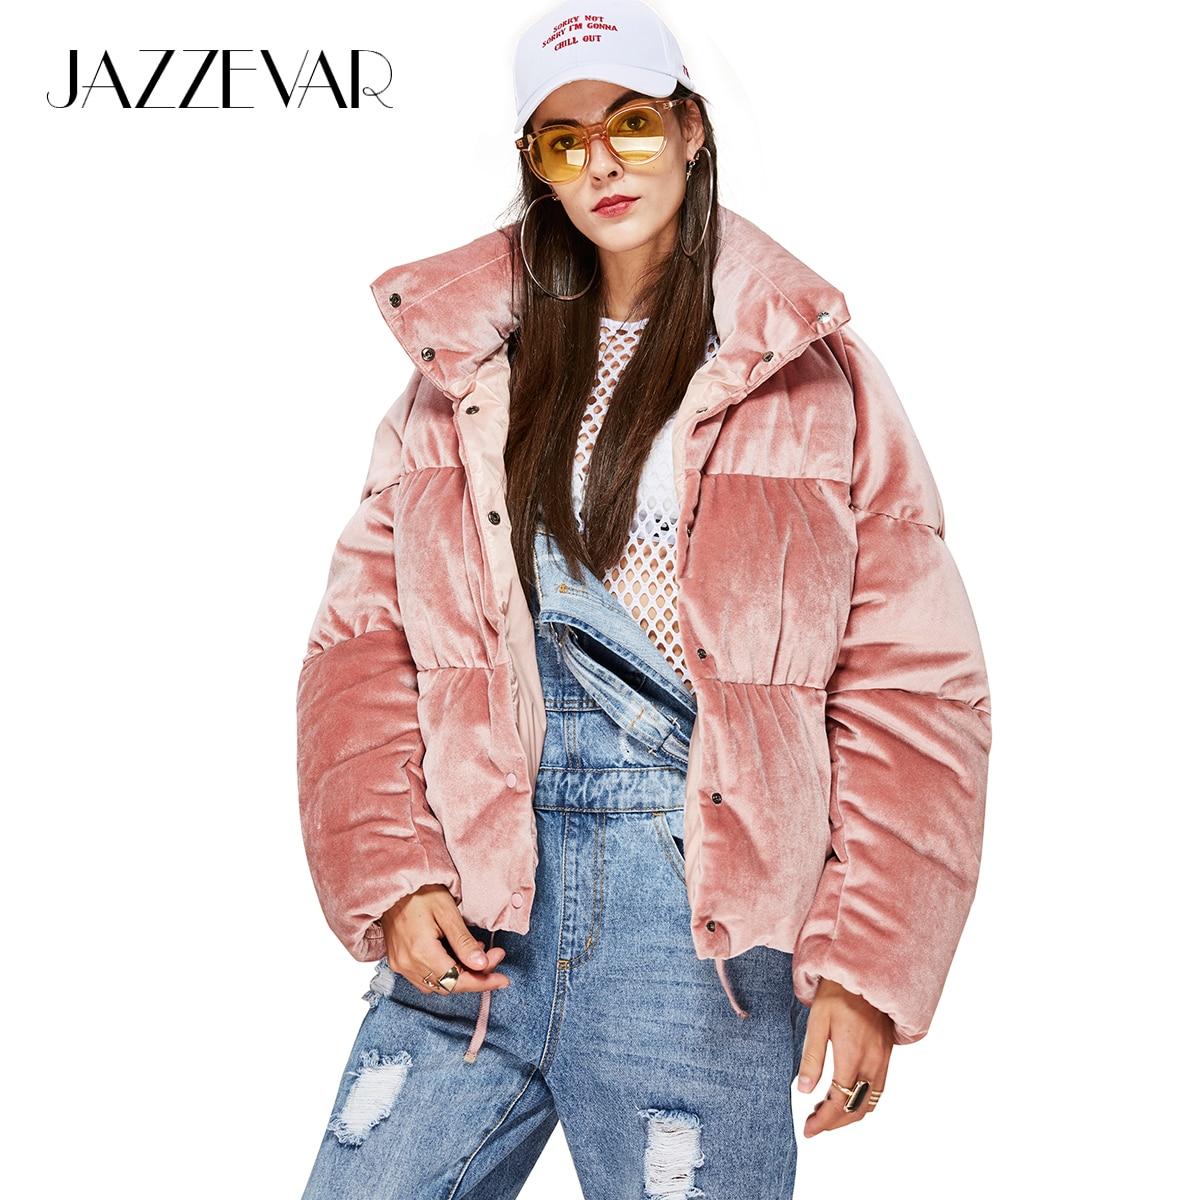 3cd9cc0a341 Jazzevar новая зимняя мода женщина толщиной 90% пуховик бархатное платье  мини Мужские парки розового цвета пальто для милых девочек  теплая верхняя  одежда ...